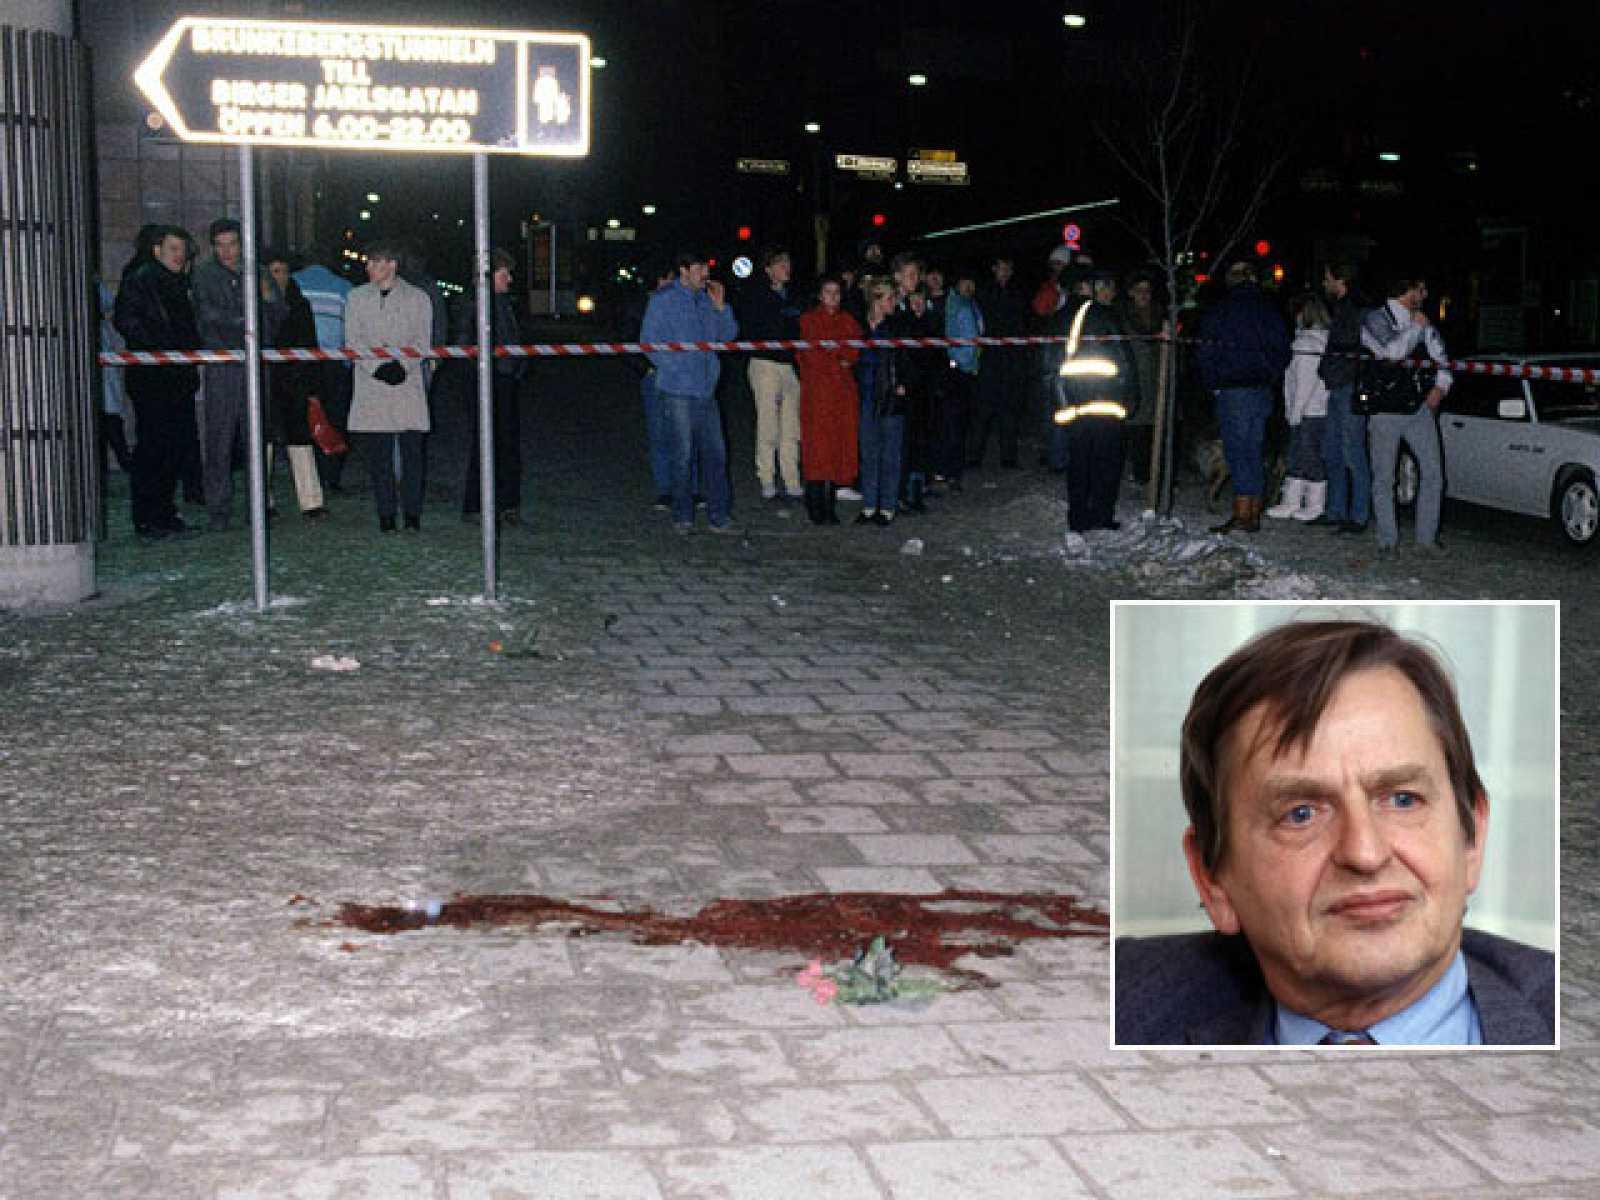 Informe semanal - Olof Palme, el juicio de la duda